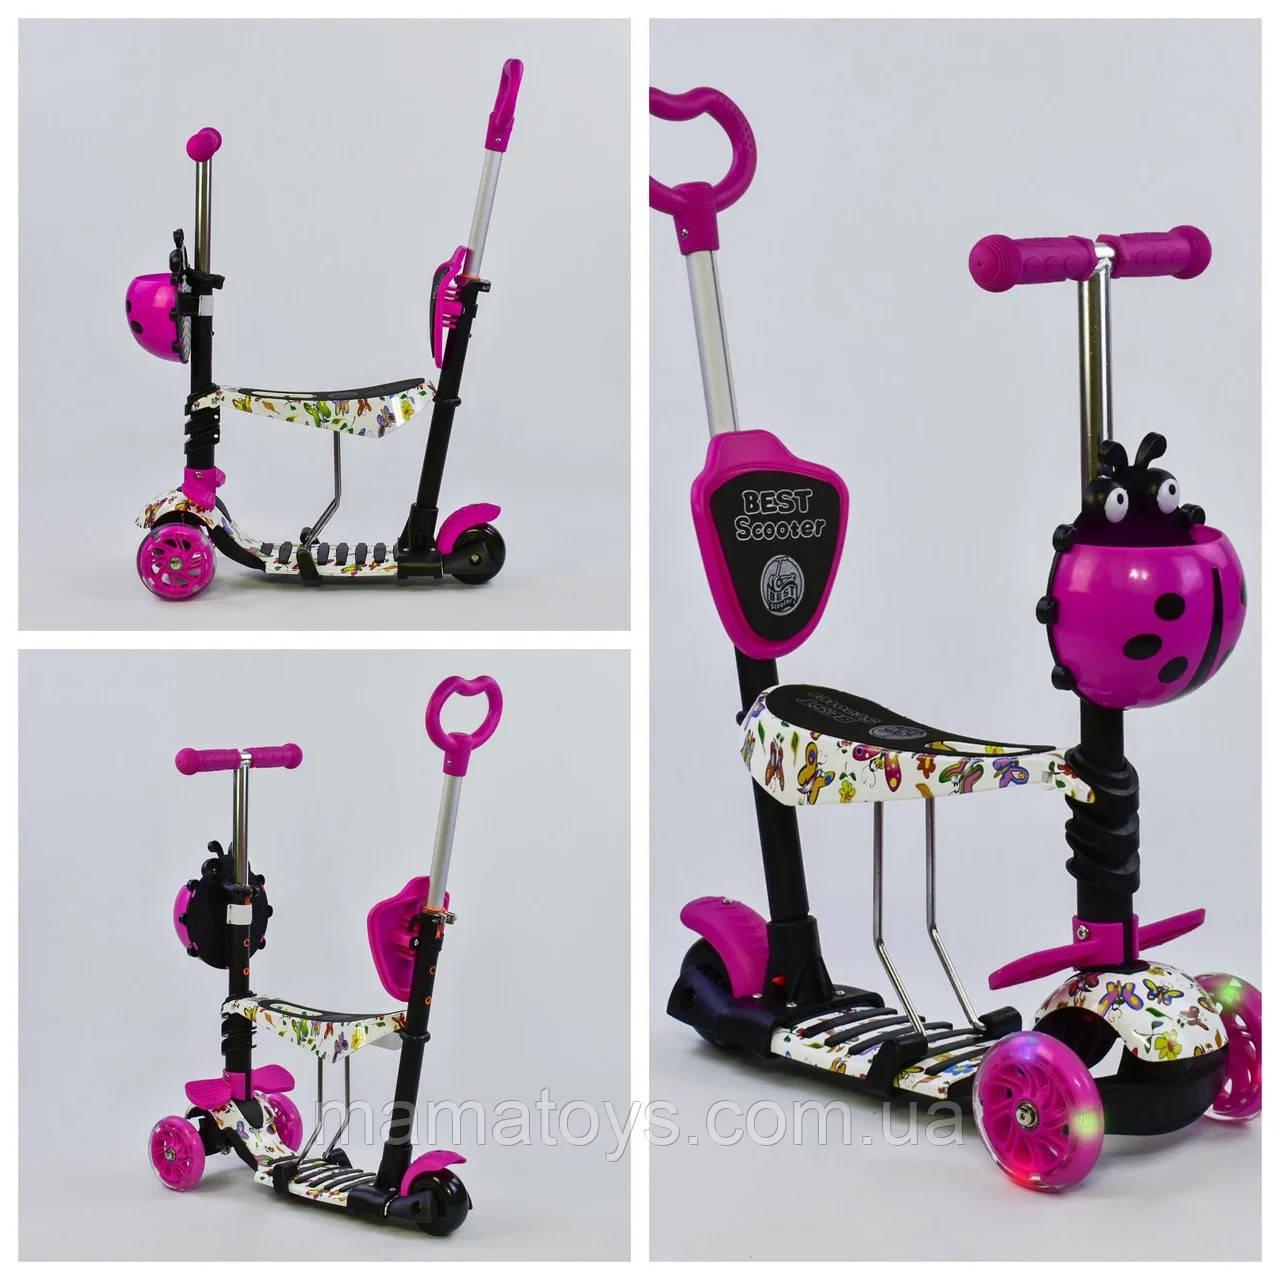 Детский Самокат беговел Best Scooter 58420 Розовый  5 в 1 толокар Родительская ручка, Абстракция Свет колес